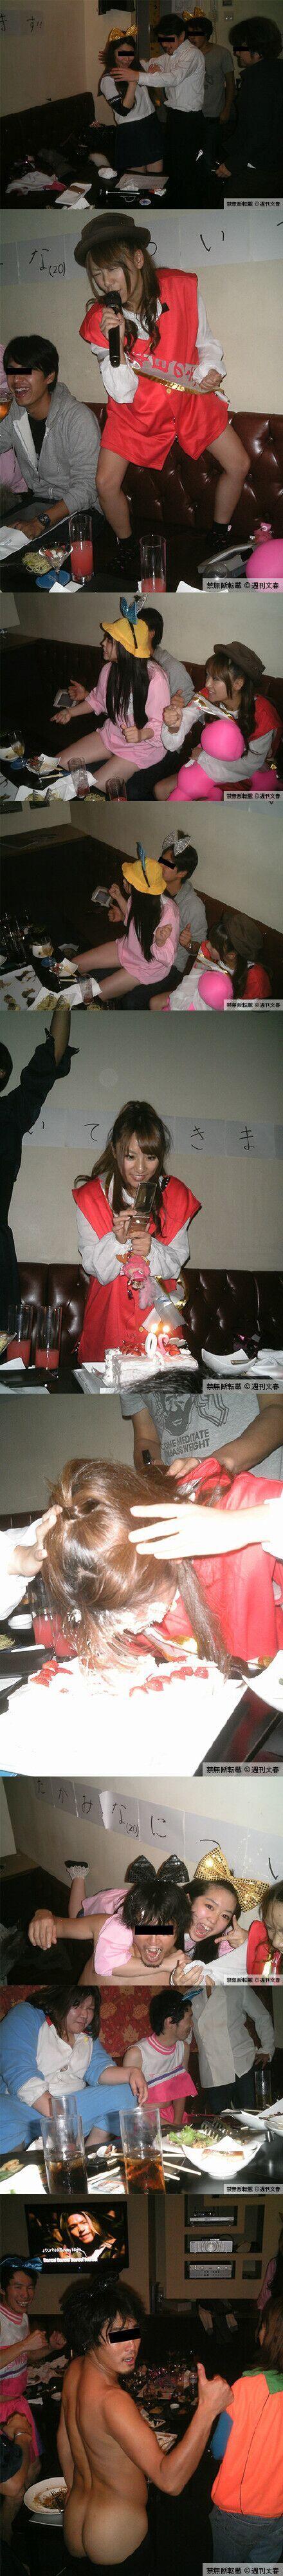 週刊文春の記事画像、AKB48運営幹部と痴態を演じた峯岸みなみと高橋みなみ